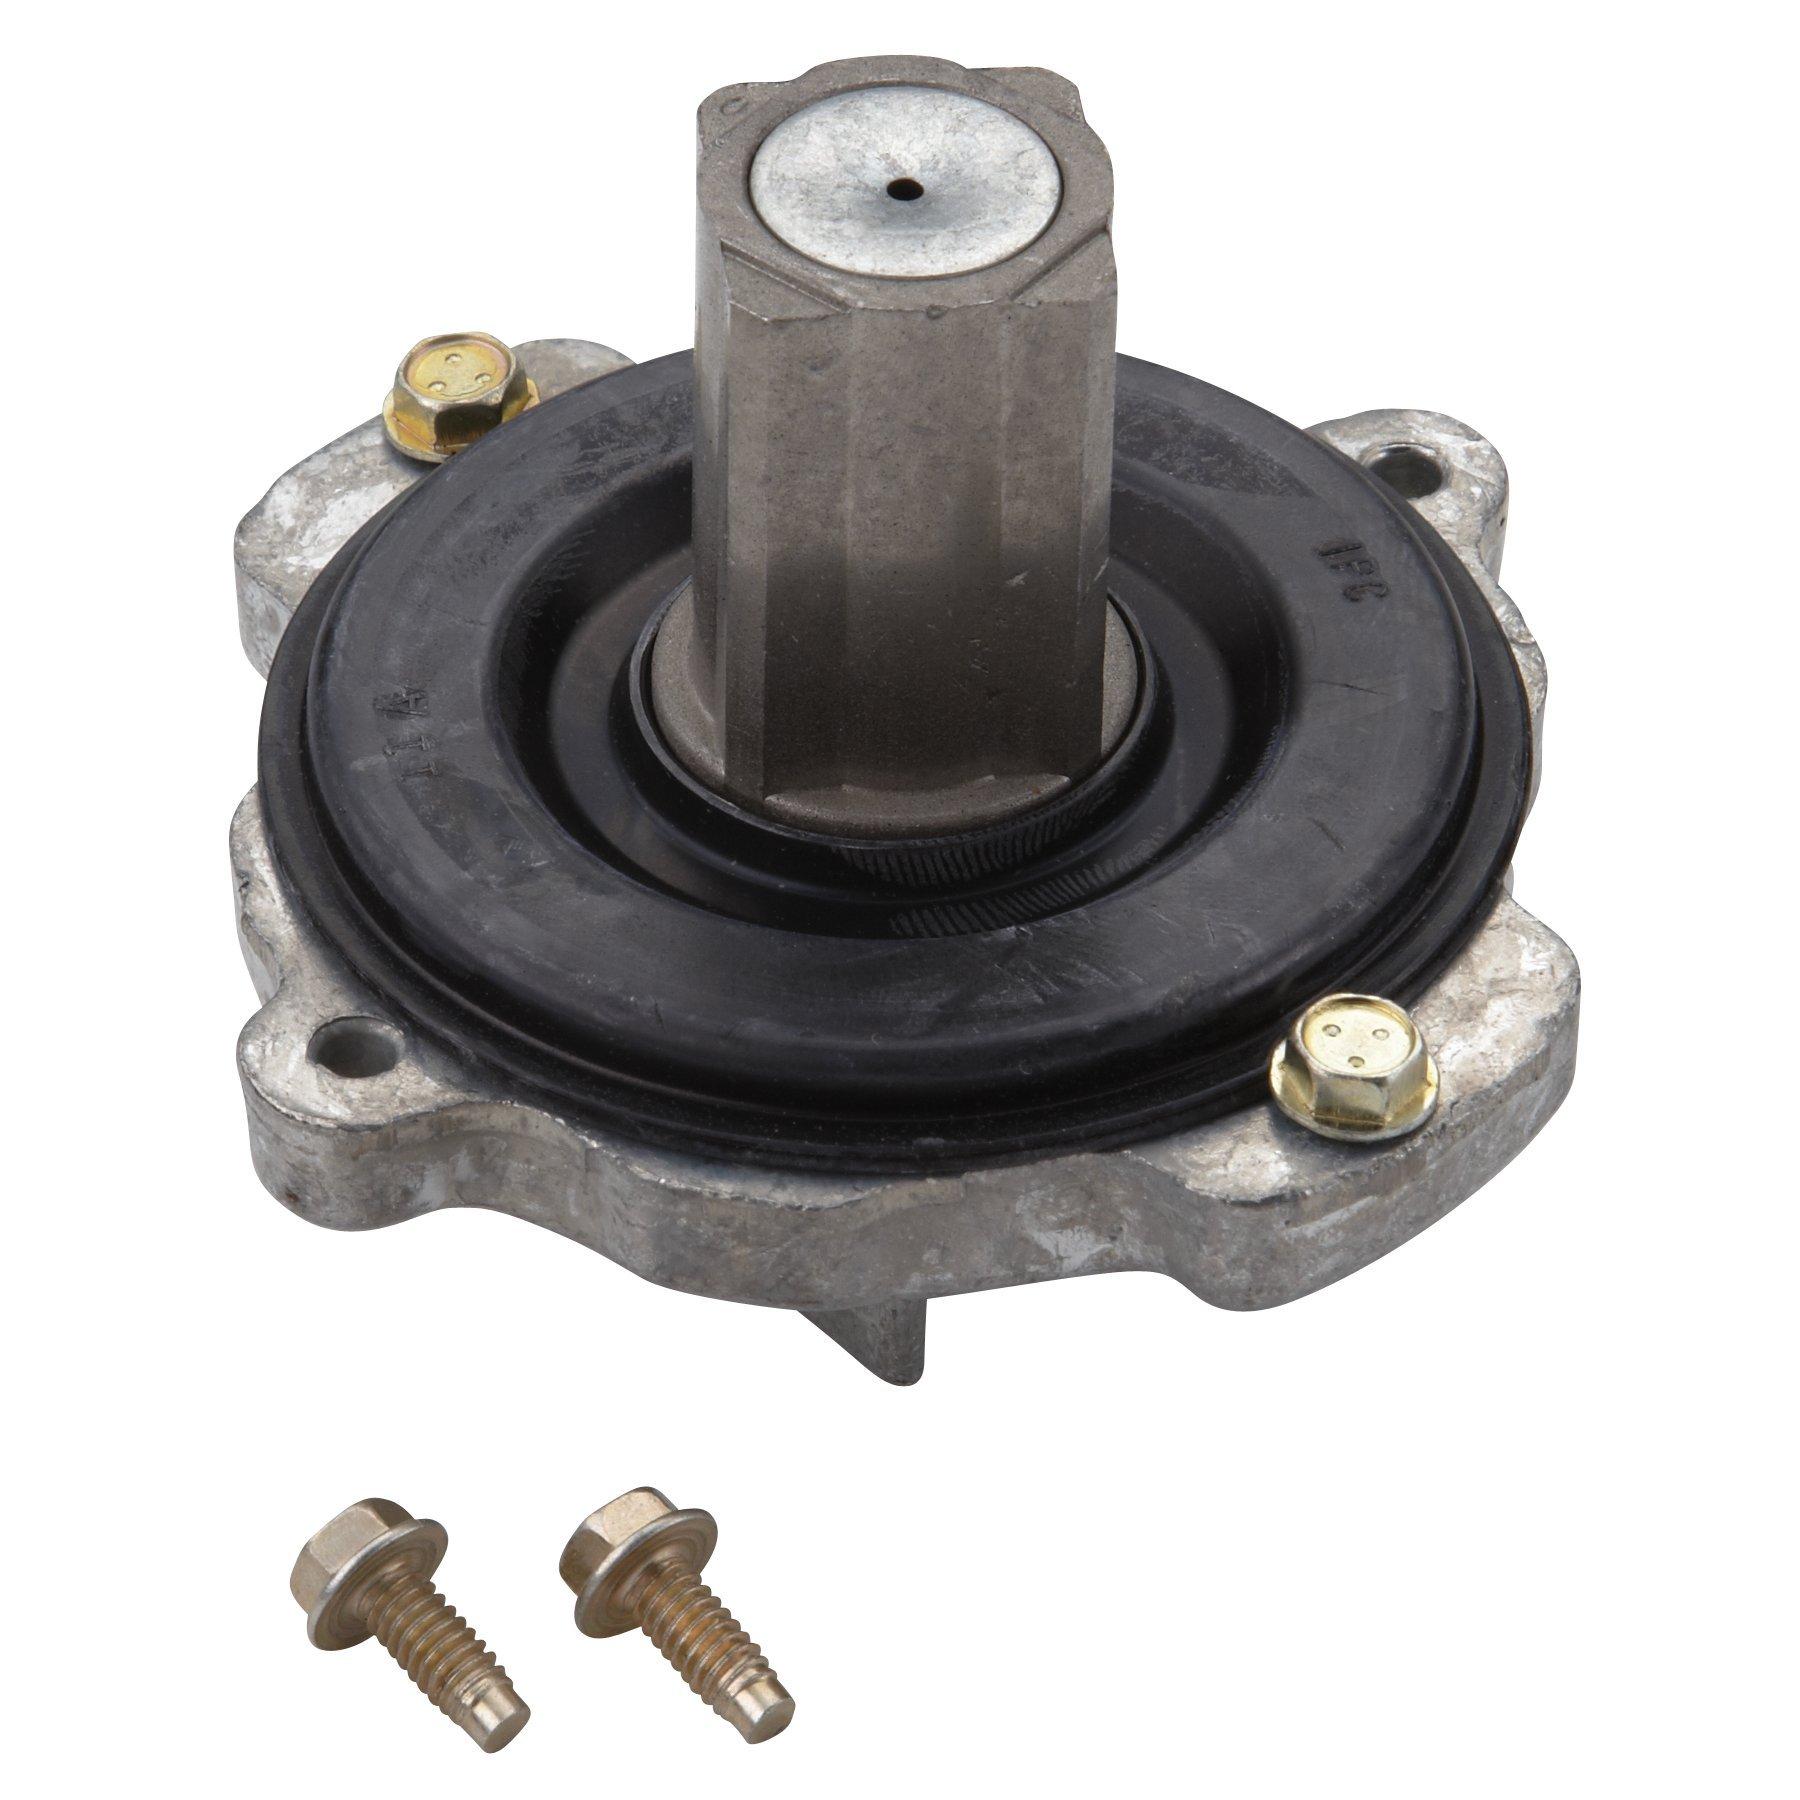 Briggs & Stratton 399671 Starter Clutch for most Rewind Starter Engines